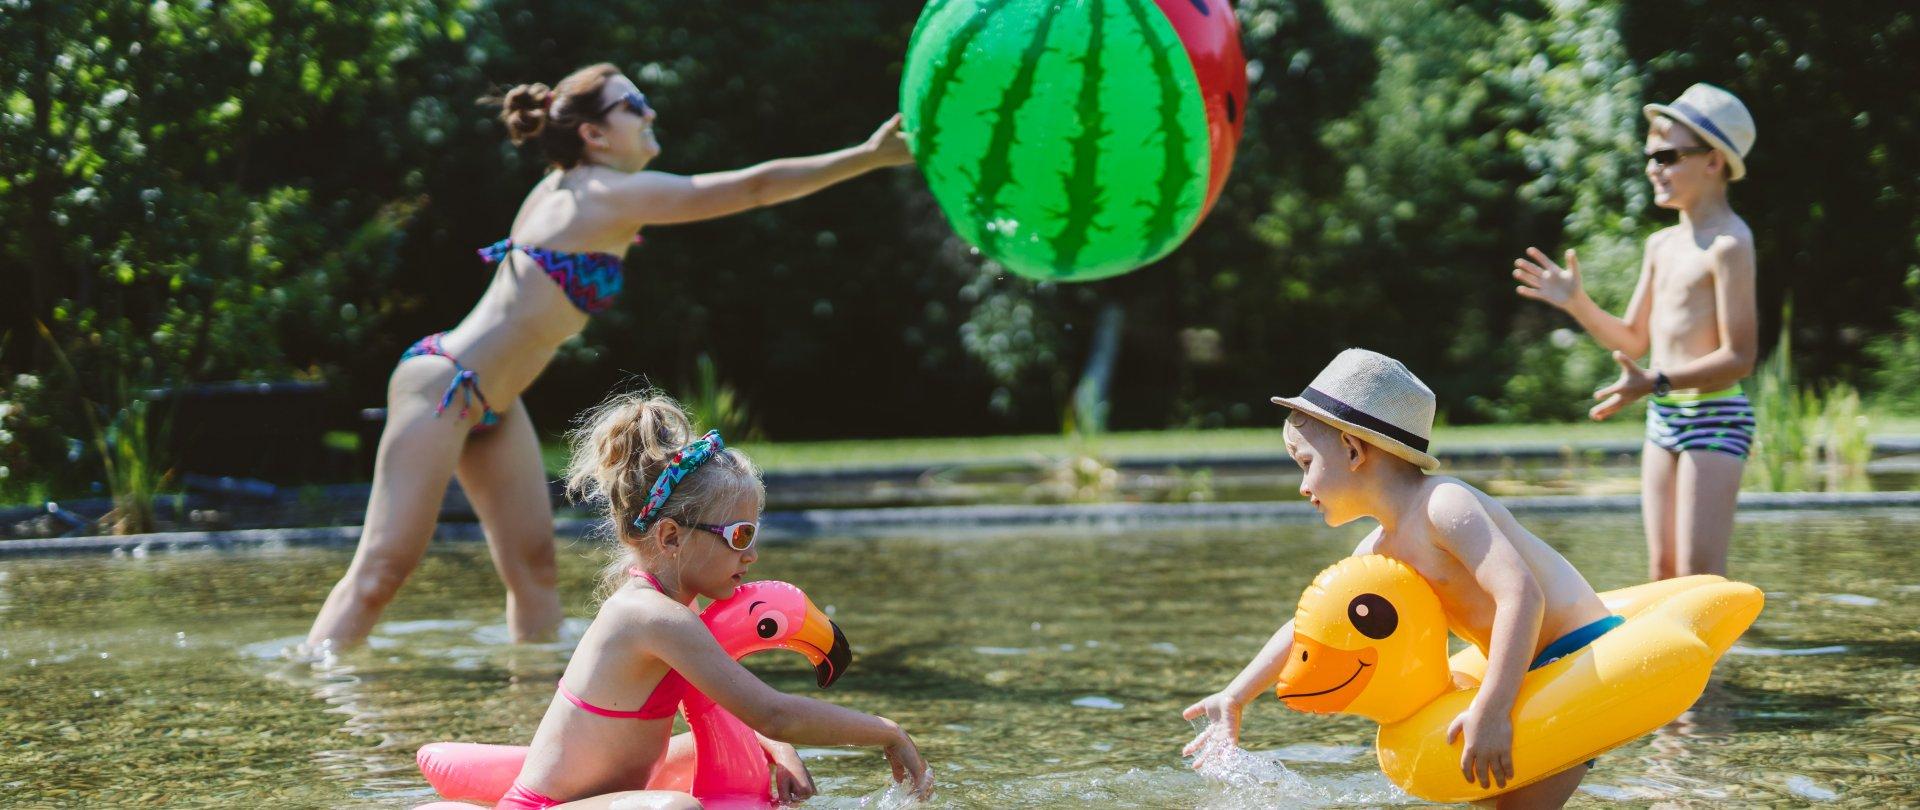 Białowieskie Lato w Enklawie!  6 dni Lata  dla Całej Rodziny z opcją bezpłatnej zmiany lub anulacji.